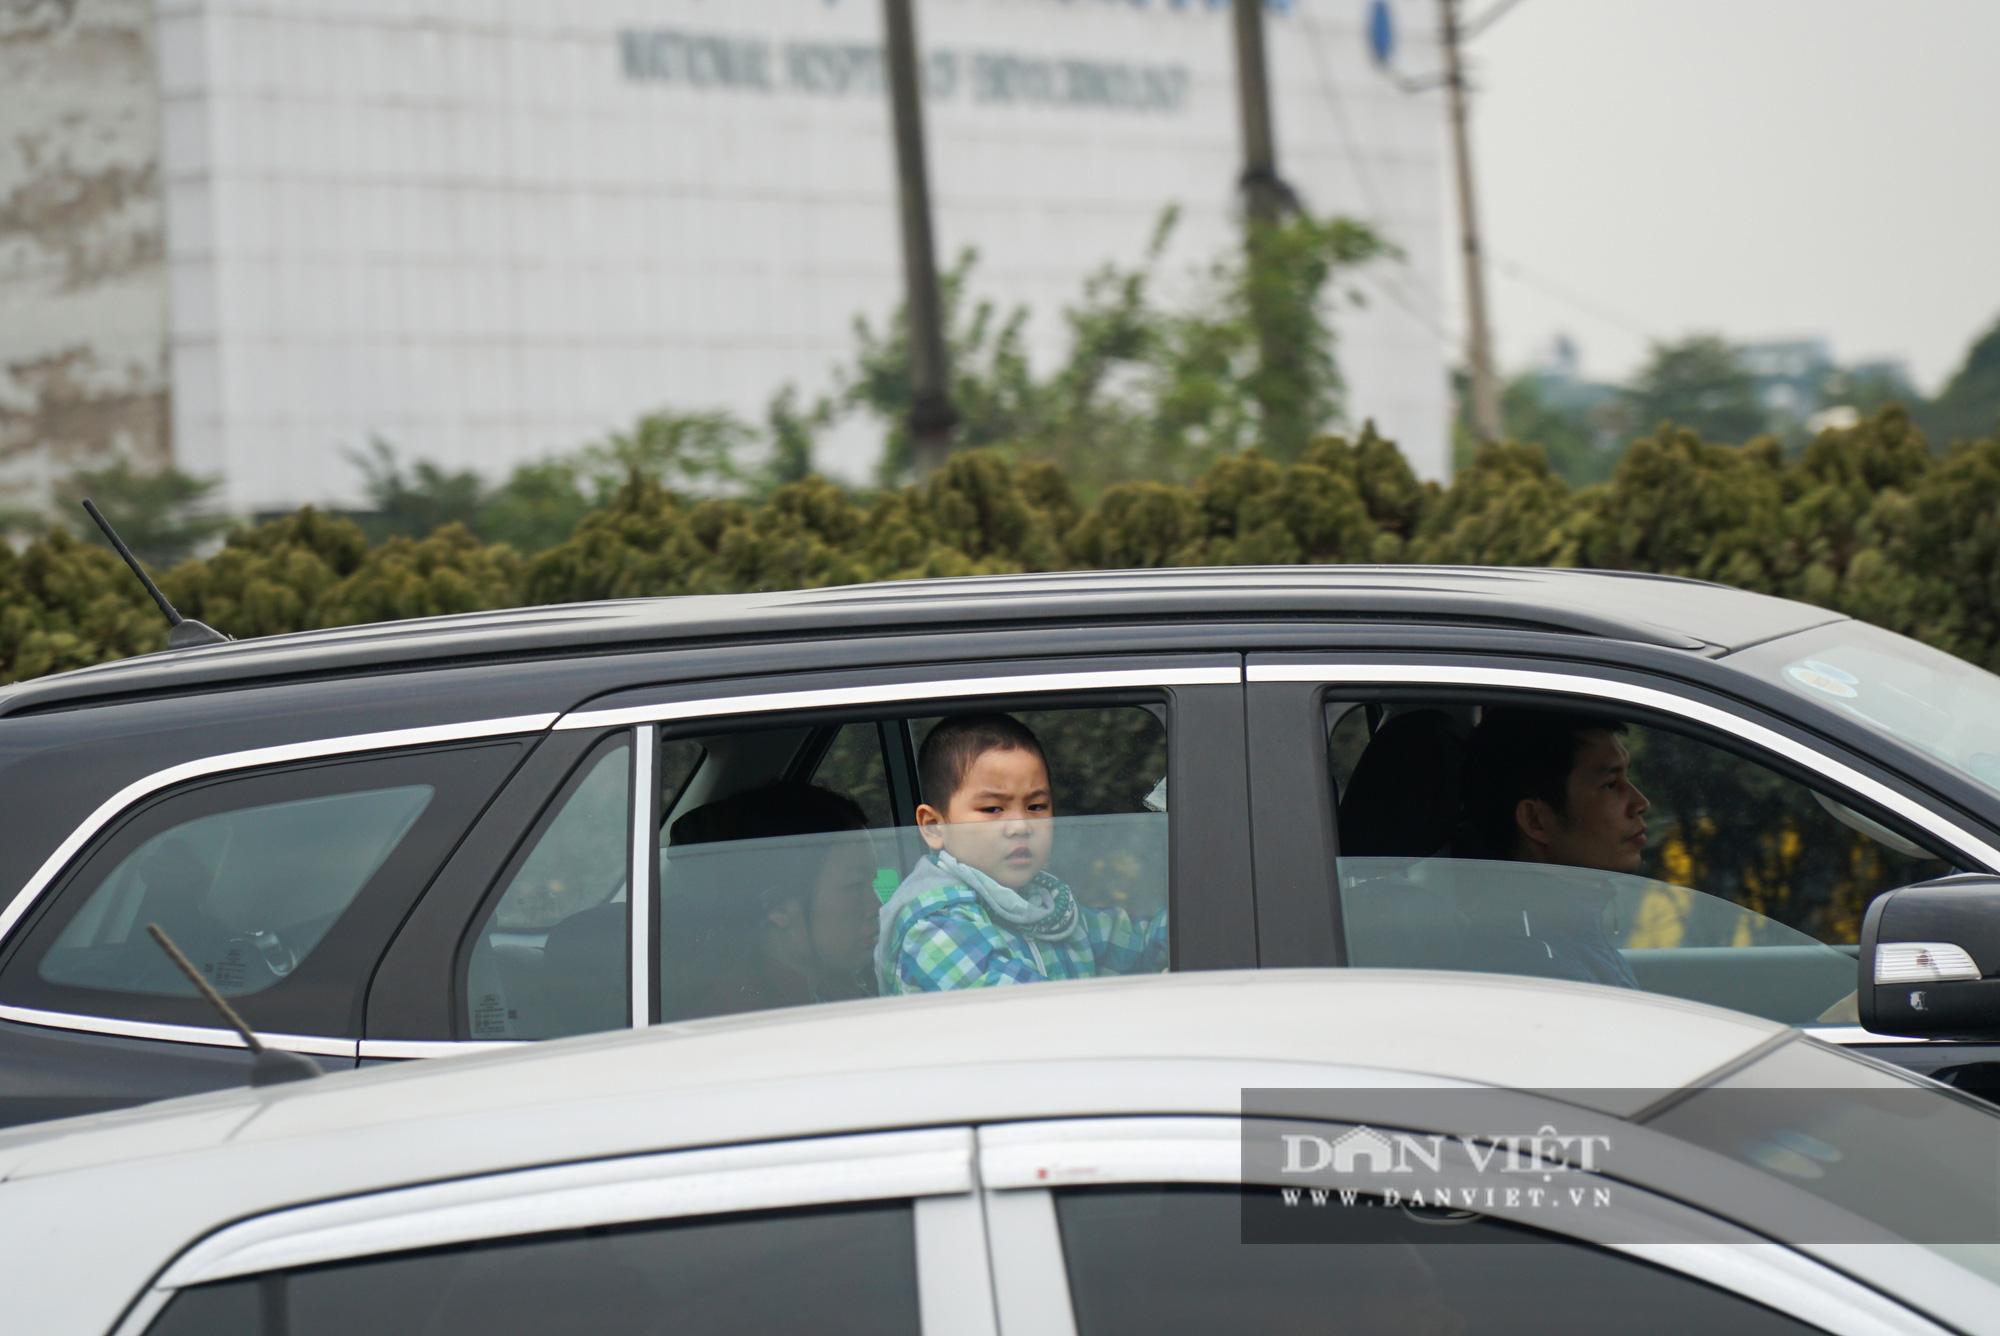 Cửa ngõ Thủ đô ùn tắc gần chục cây số sau khi kết thúc kỳ nghỉ Tết Dương lịch - Ảnh 8.